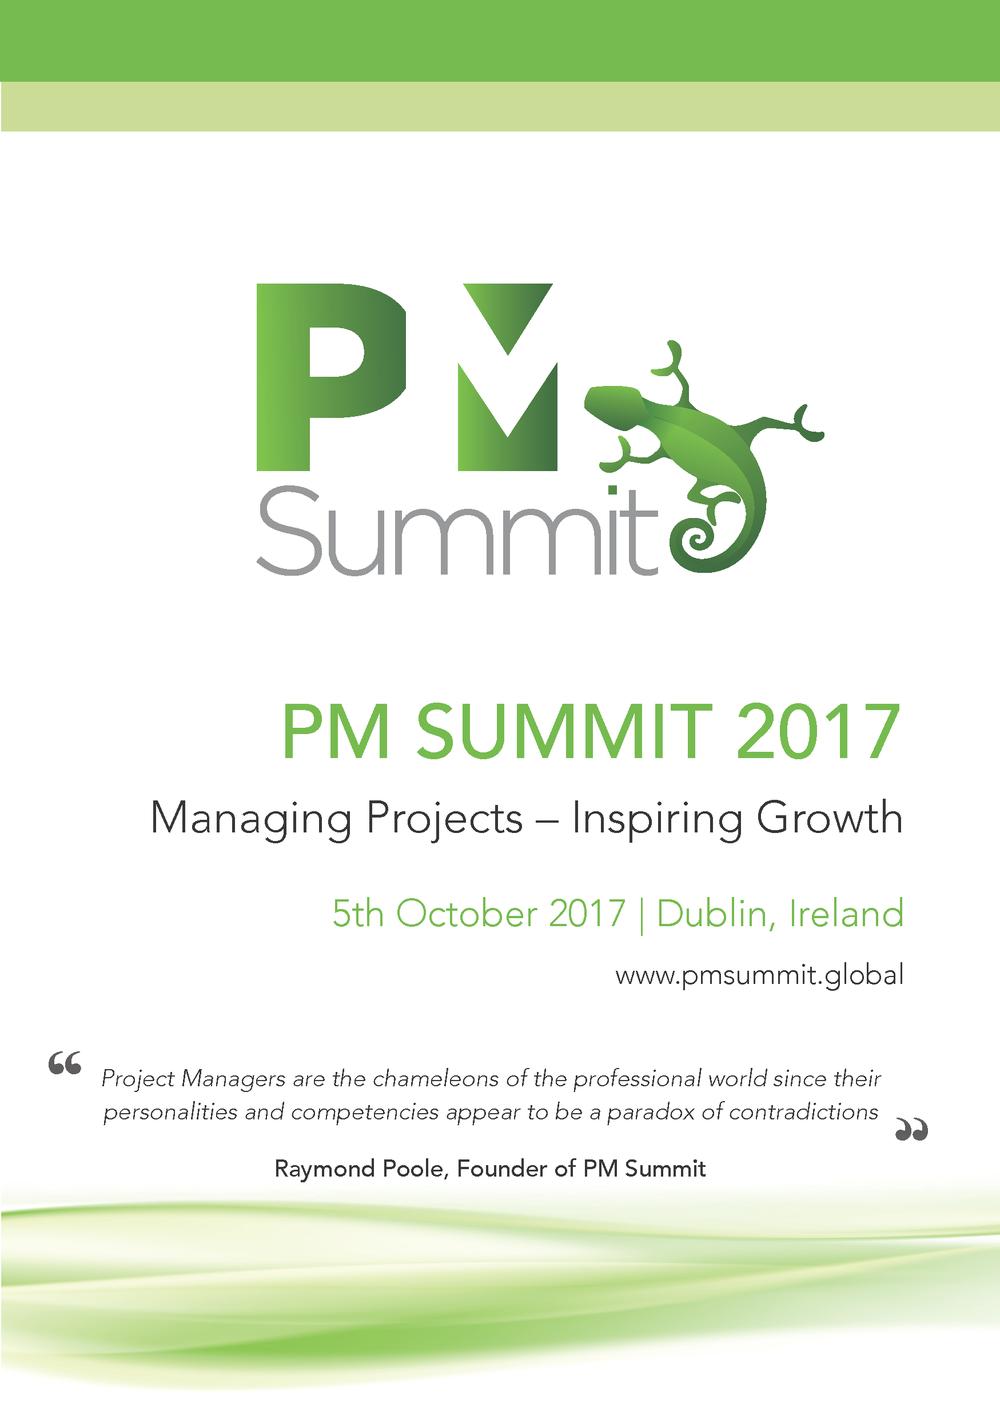 PM Summit 2017